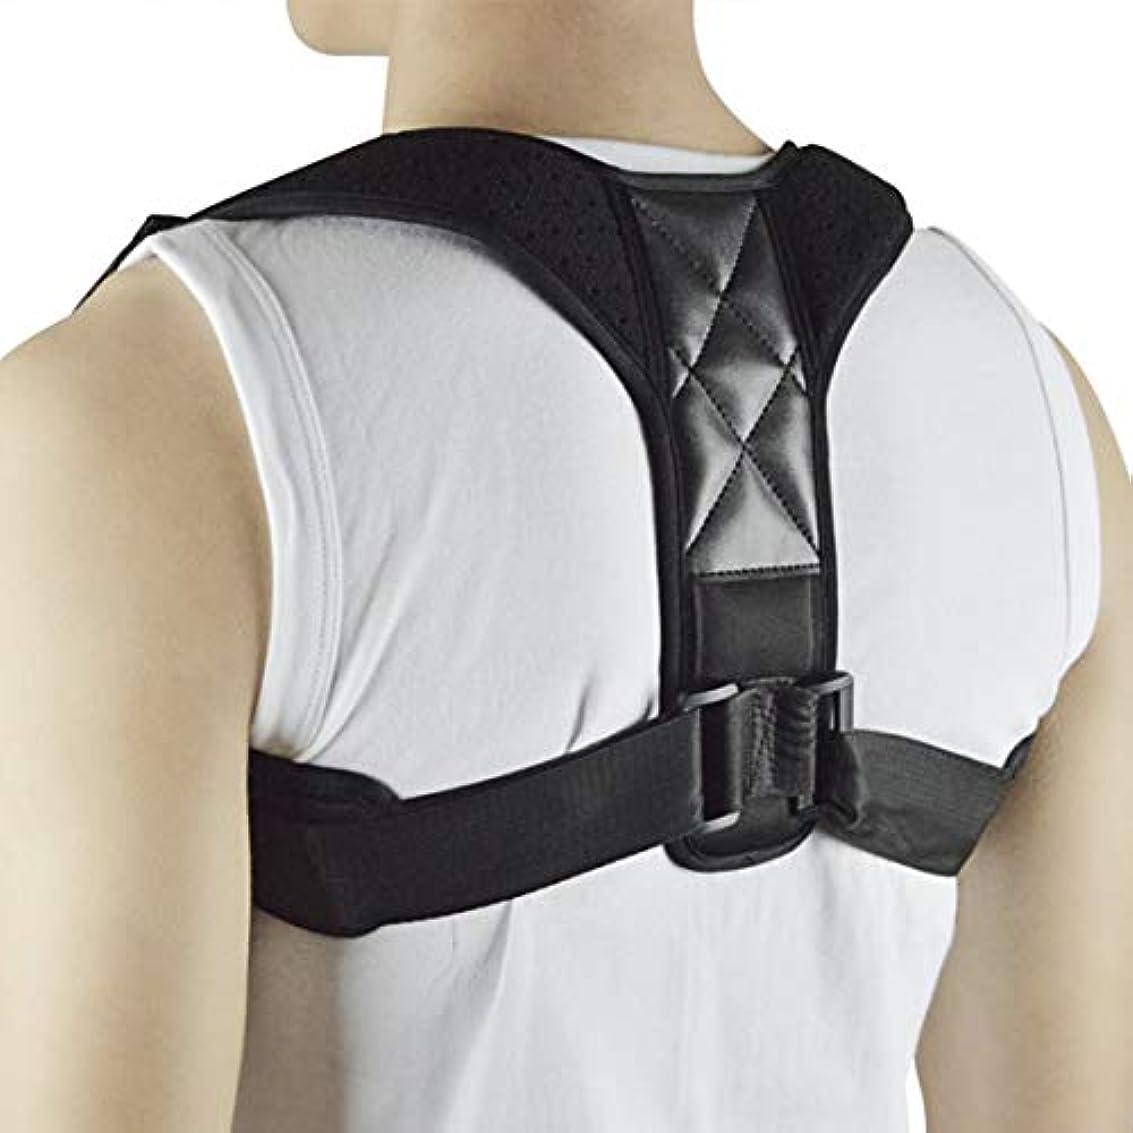 ファイアル論争試みるWT-C734ザトウクジラ矯正ベルト大人の脊椎背部固定子の背部矯正 - 多色アドバンス